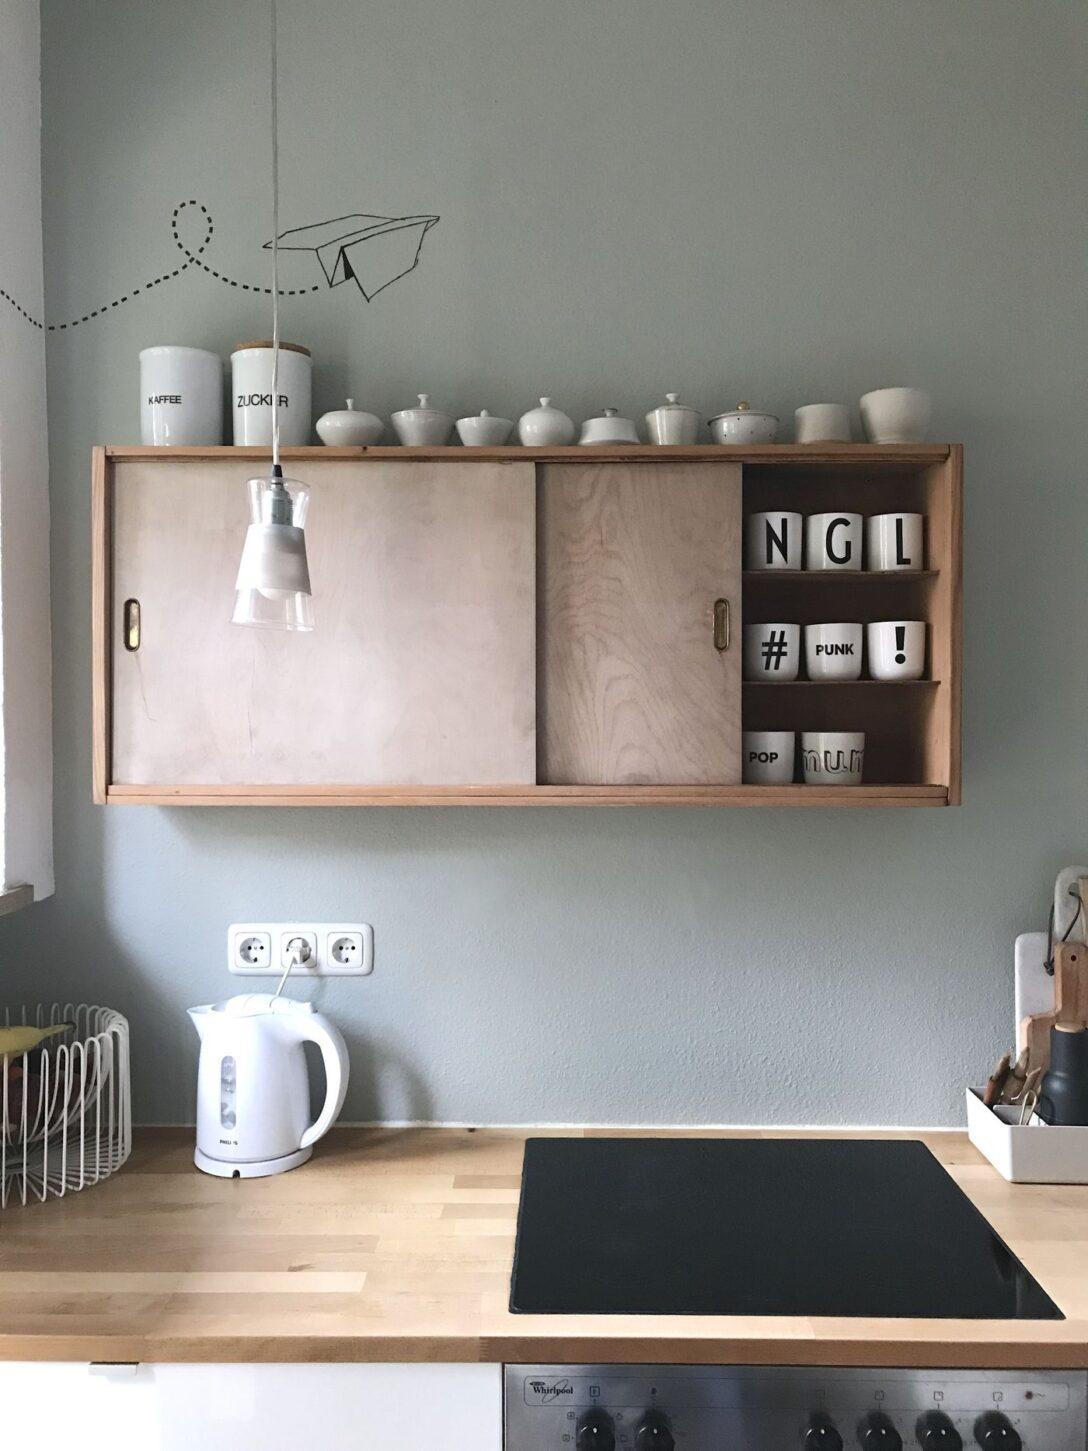 Large Size of Küchen Tapeten Abwaschbar Für Küche Fototapeten Wohnzimmer Schlafzimmer Regal Die Ideen Wohnzimmer Küchen Tapeten Abwaschbar